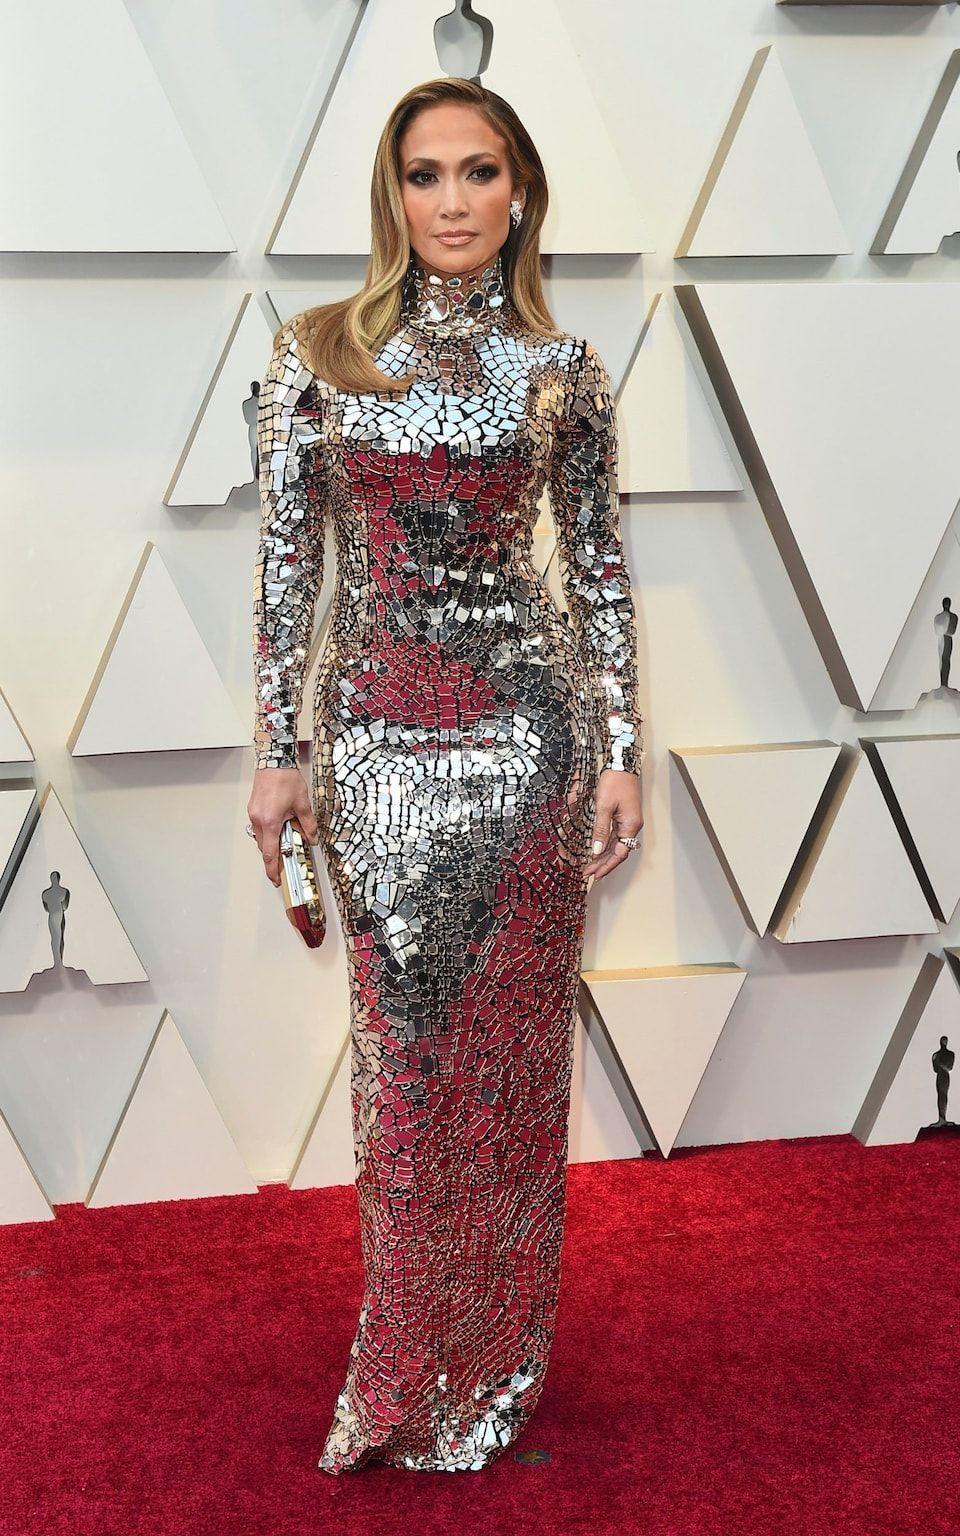 b48ceb2b487f Oscars 2019 red carpet  Lady Gaga